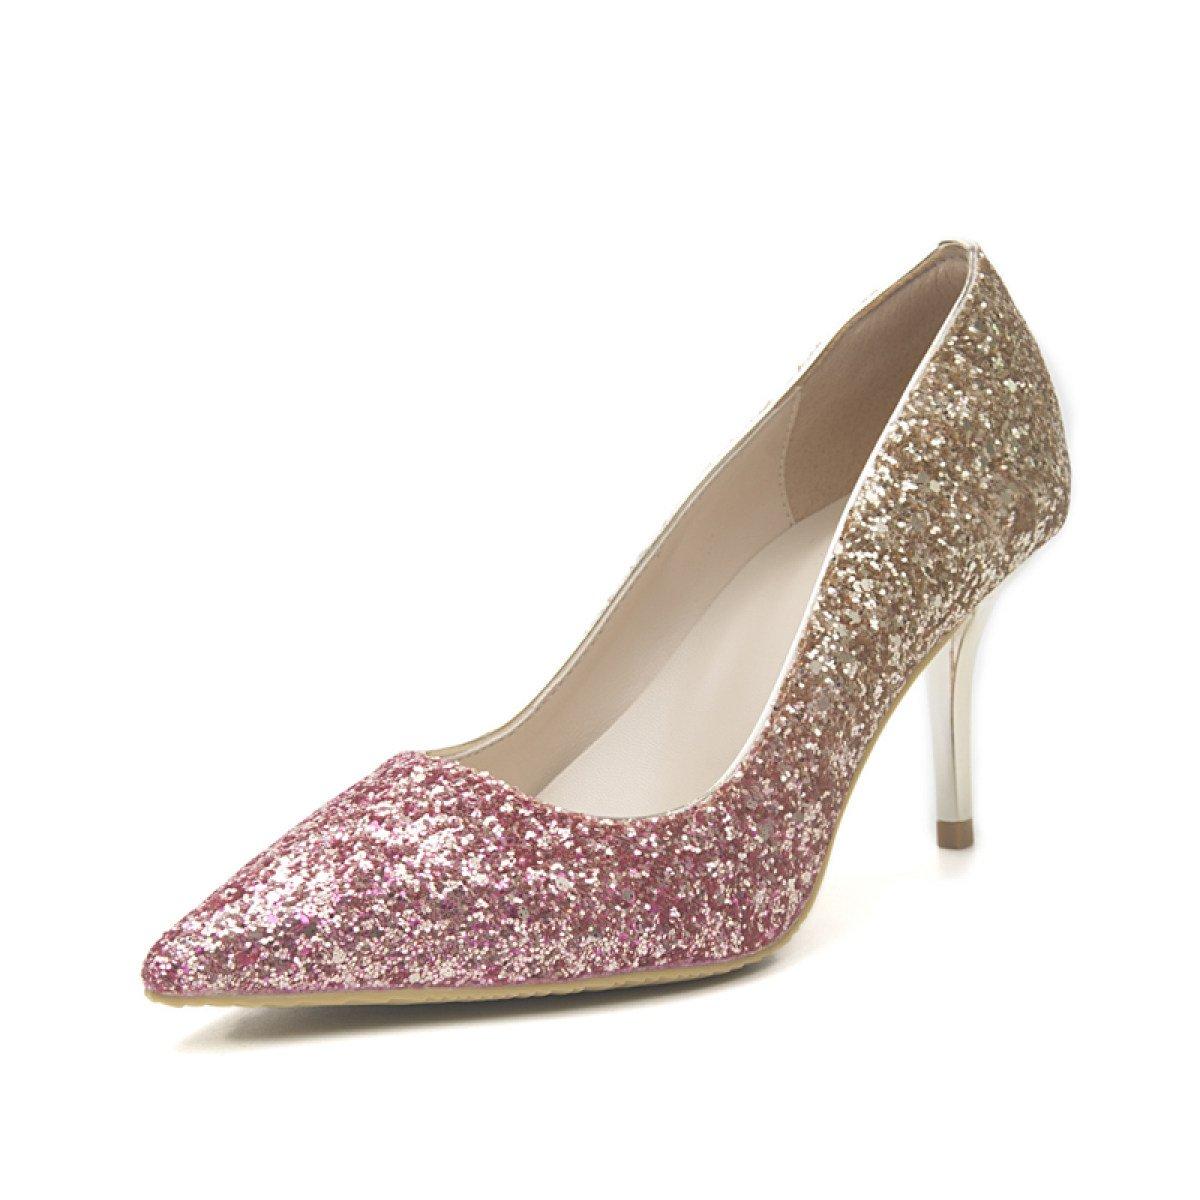 Damenschuhe Damen Herbst High Heels Pailletten Pailletten Heels Stöckelschuhe Schuhe Silber Heels Etikette Hochzeitsschuhe Purplegold(8cm) 7e5f84